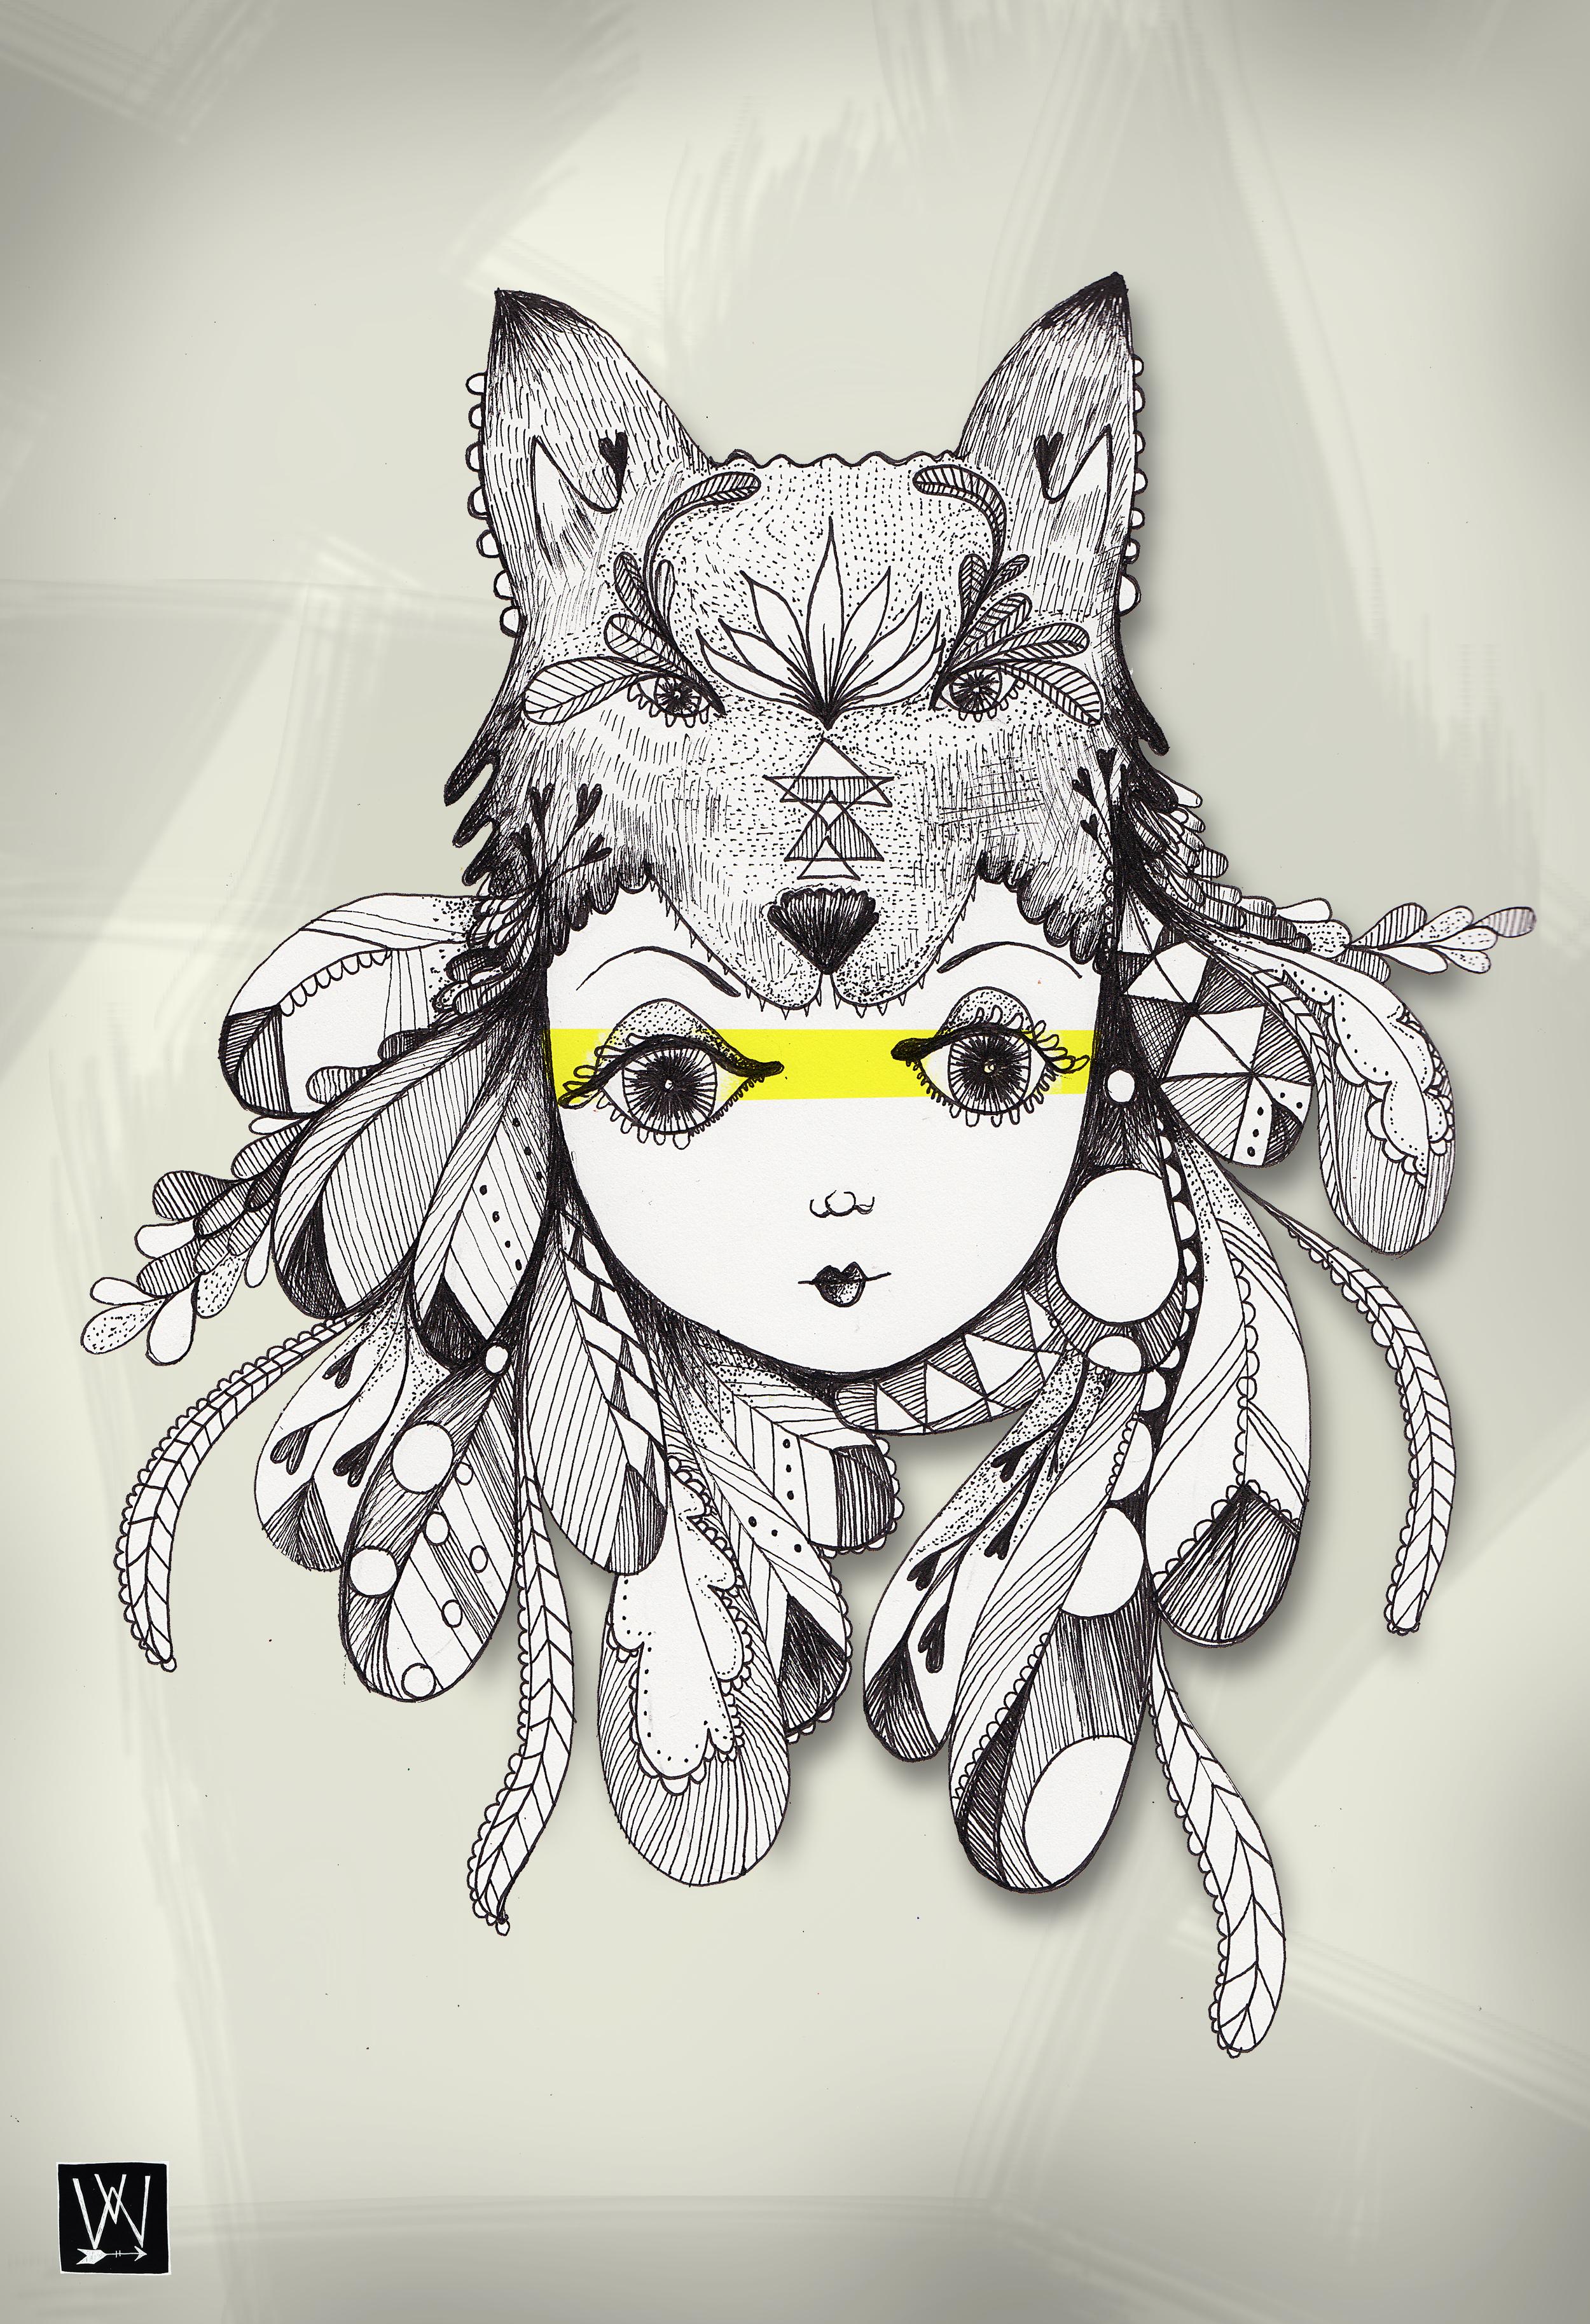 New Art Uploaded to Society6:http://society6.com/rainyowl/be-a-warrior-cjk#1=45